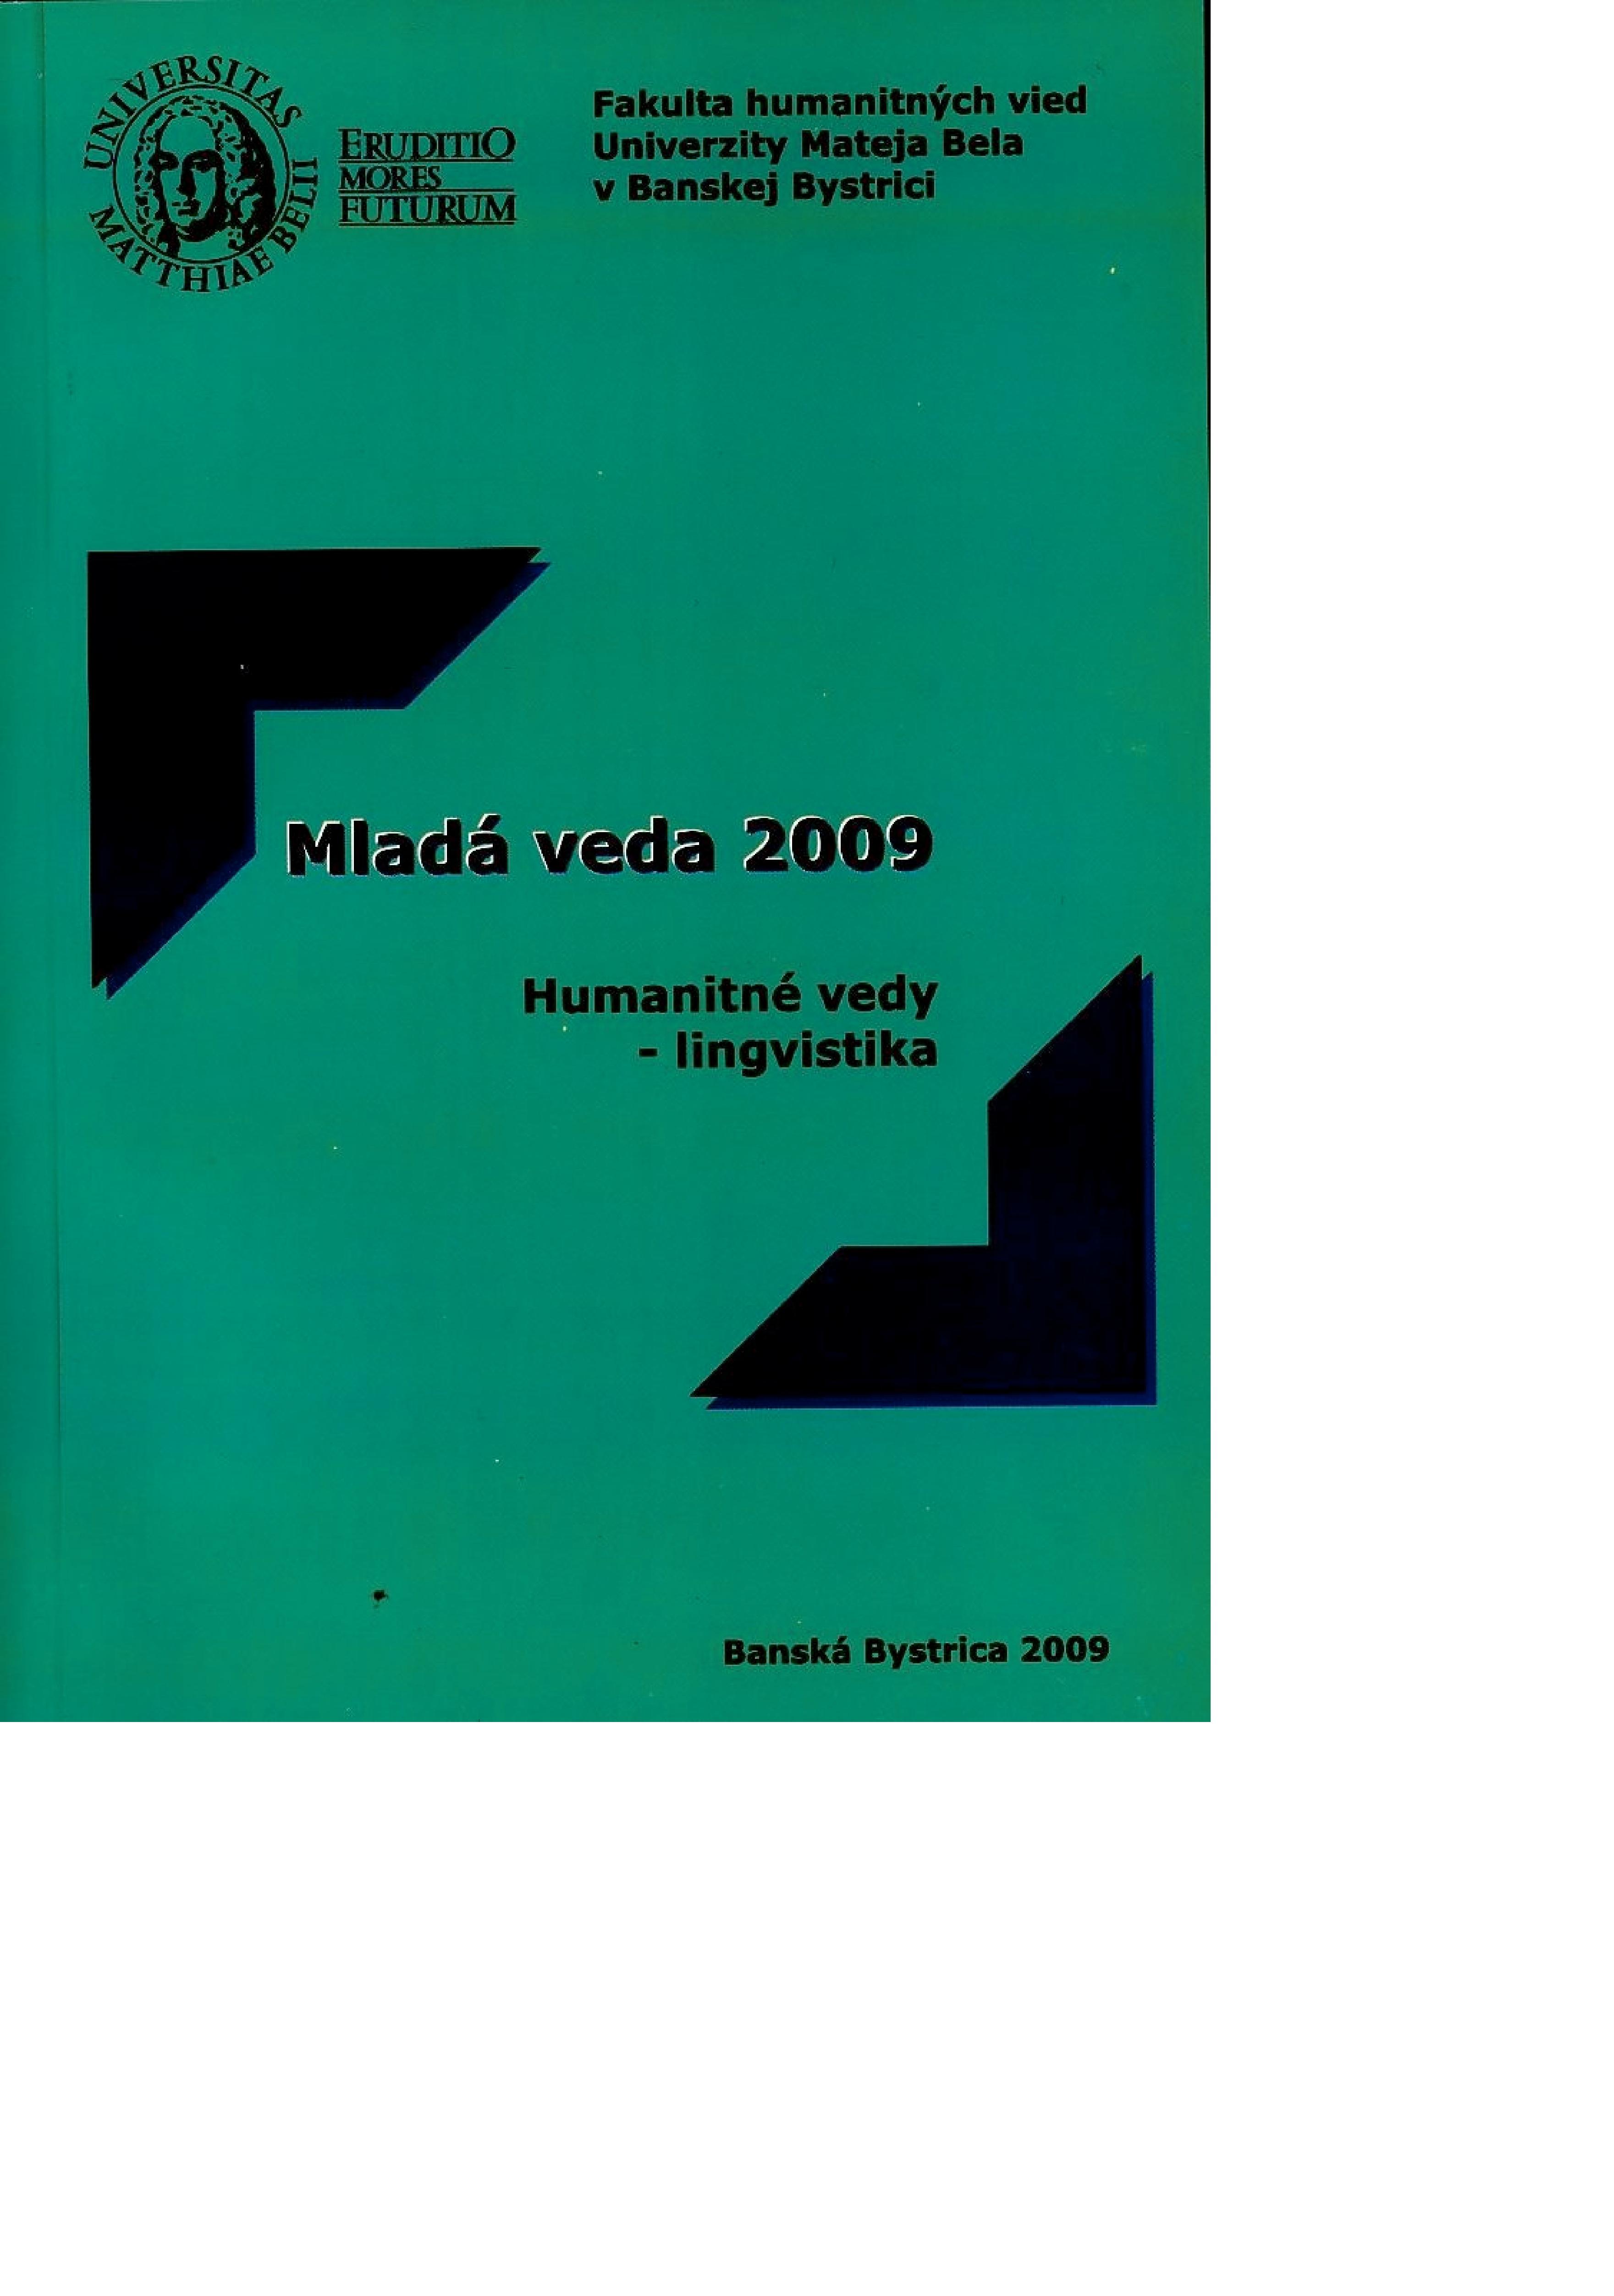 Mladá veda 2009. Humanitné veddy - lingvistika